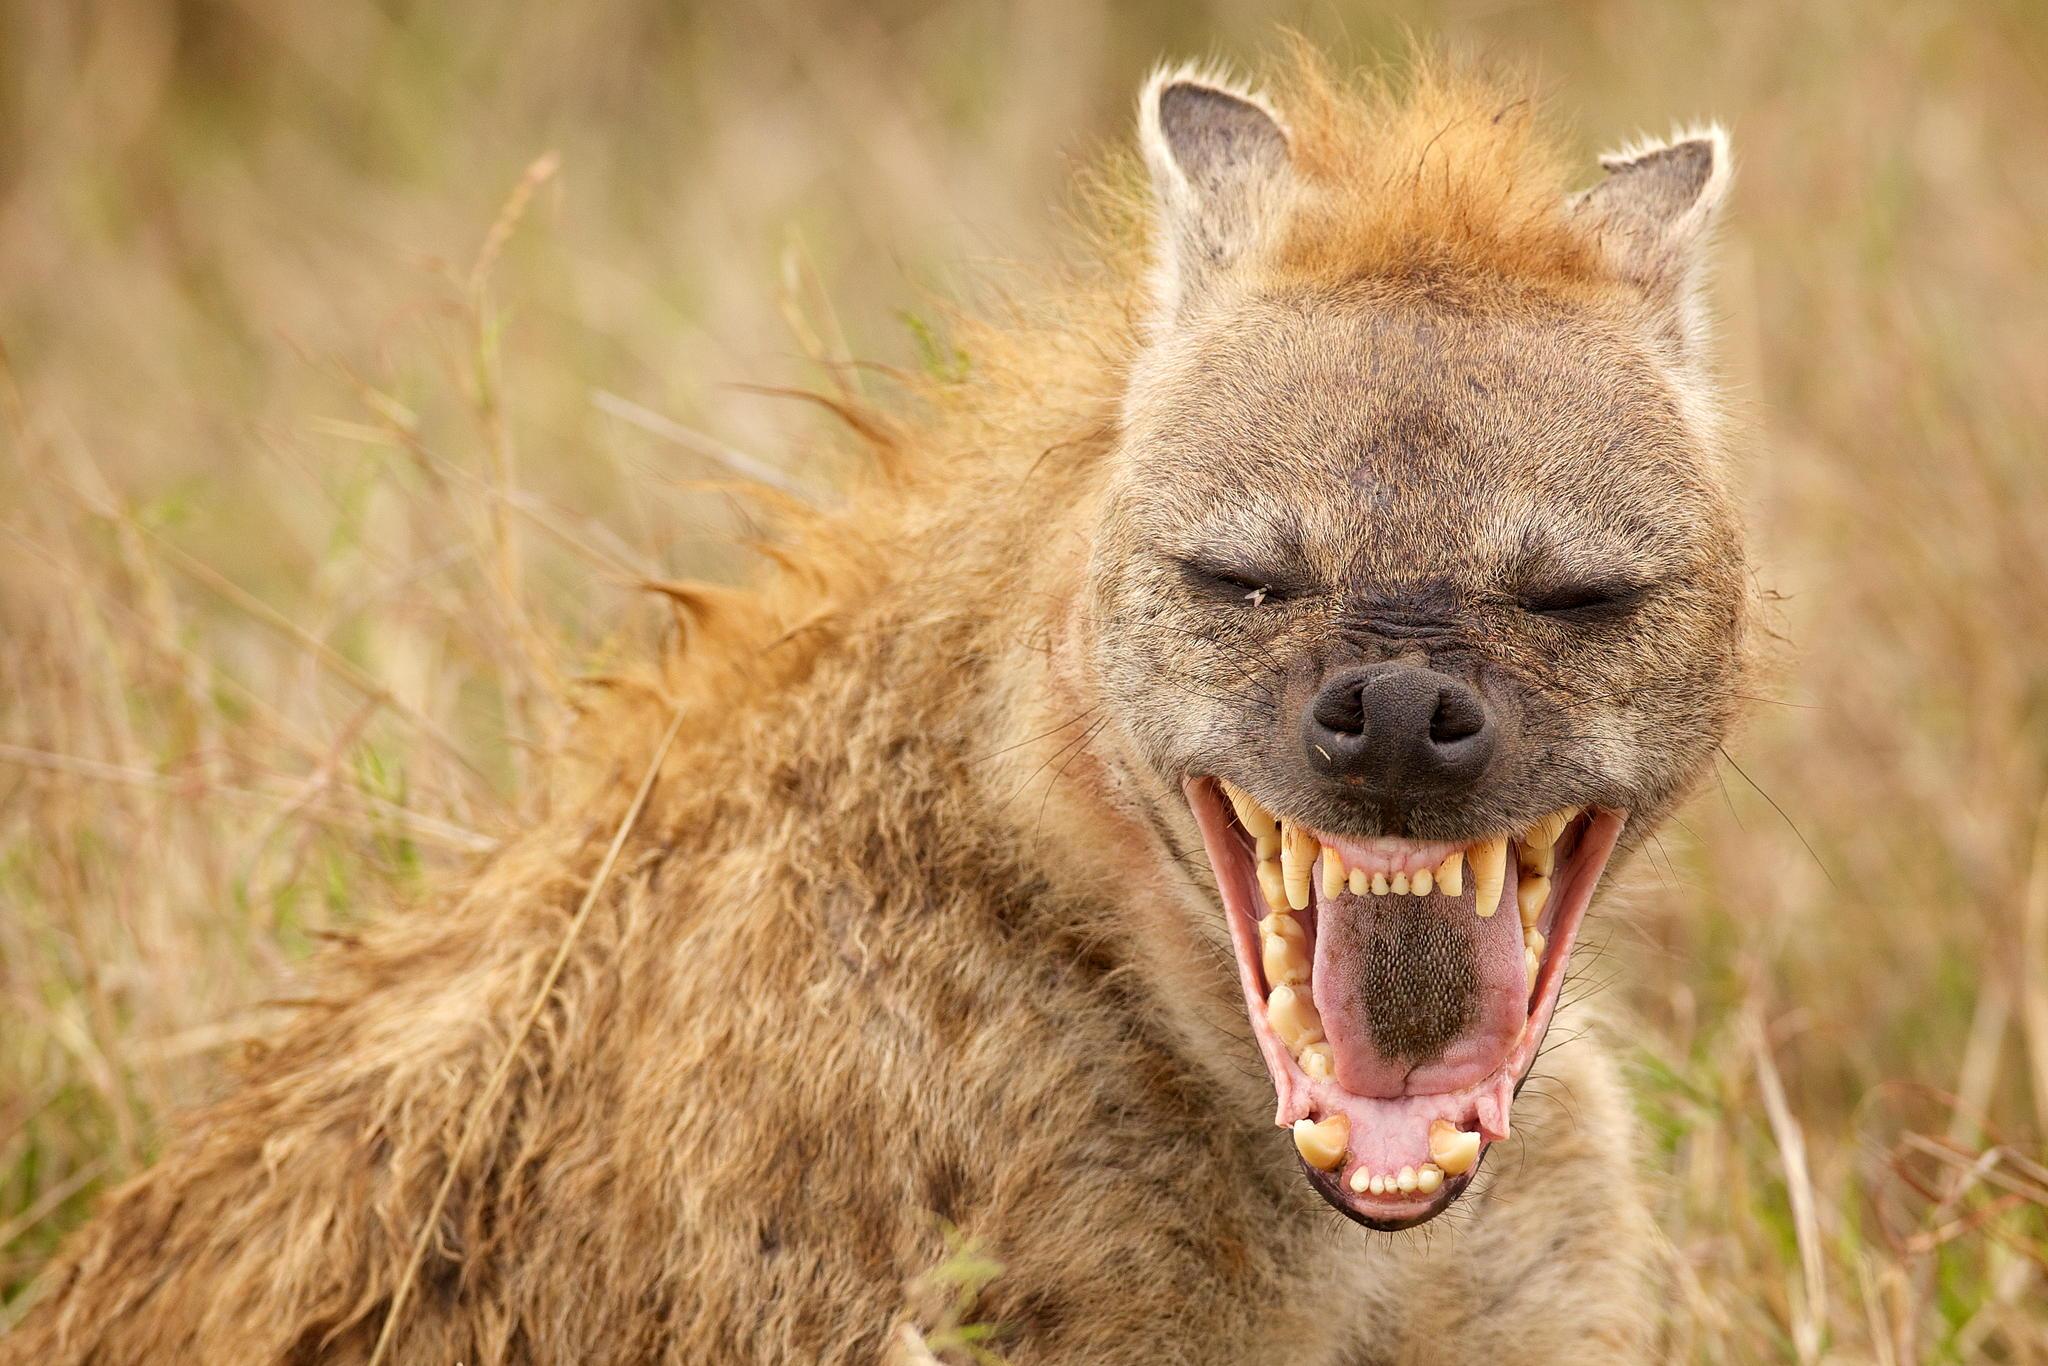 Brehm: Az állatok világa / TIZENHETEDIK REND: Erszényes emlősök (Marsupialia)